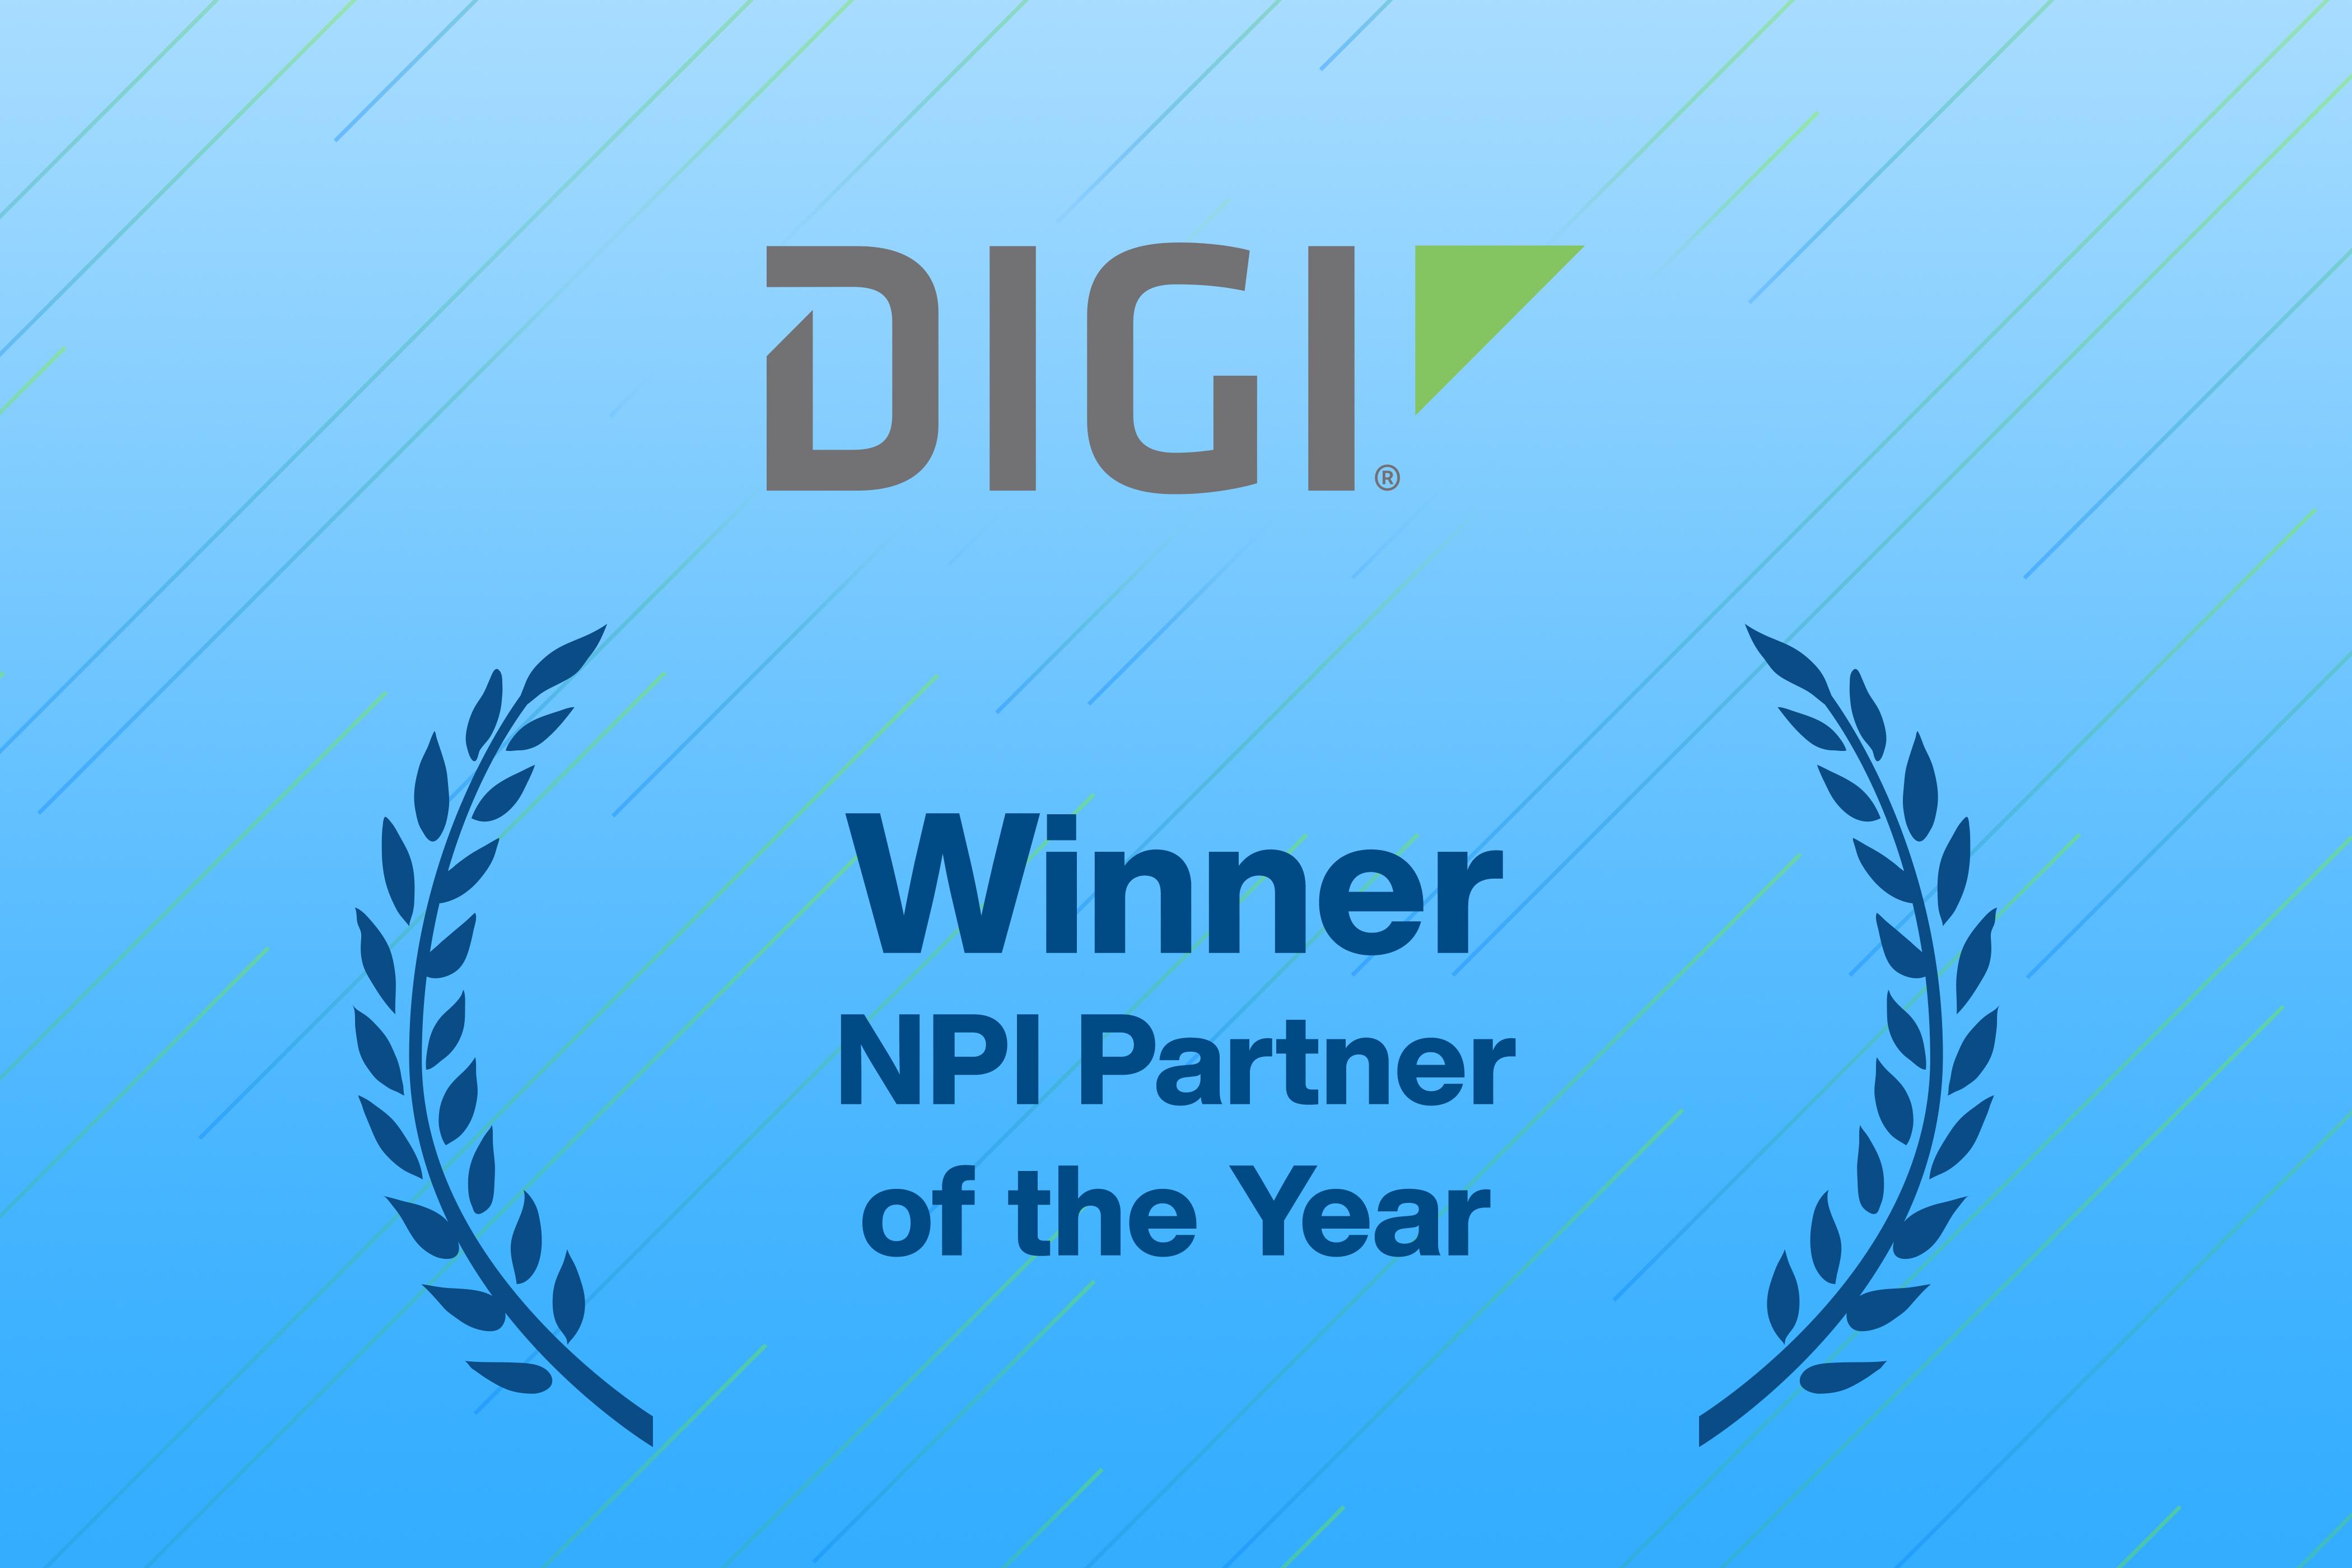 贸泽电子荣获Digi 2020年度新品引入合作伙伴奖